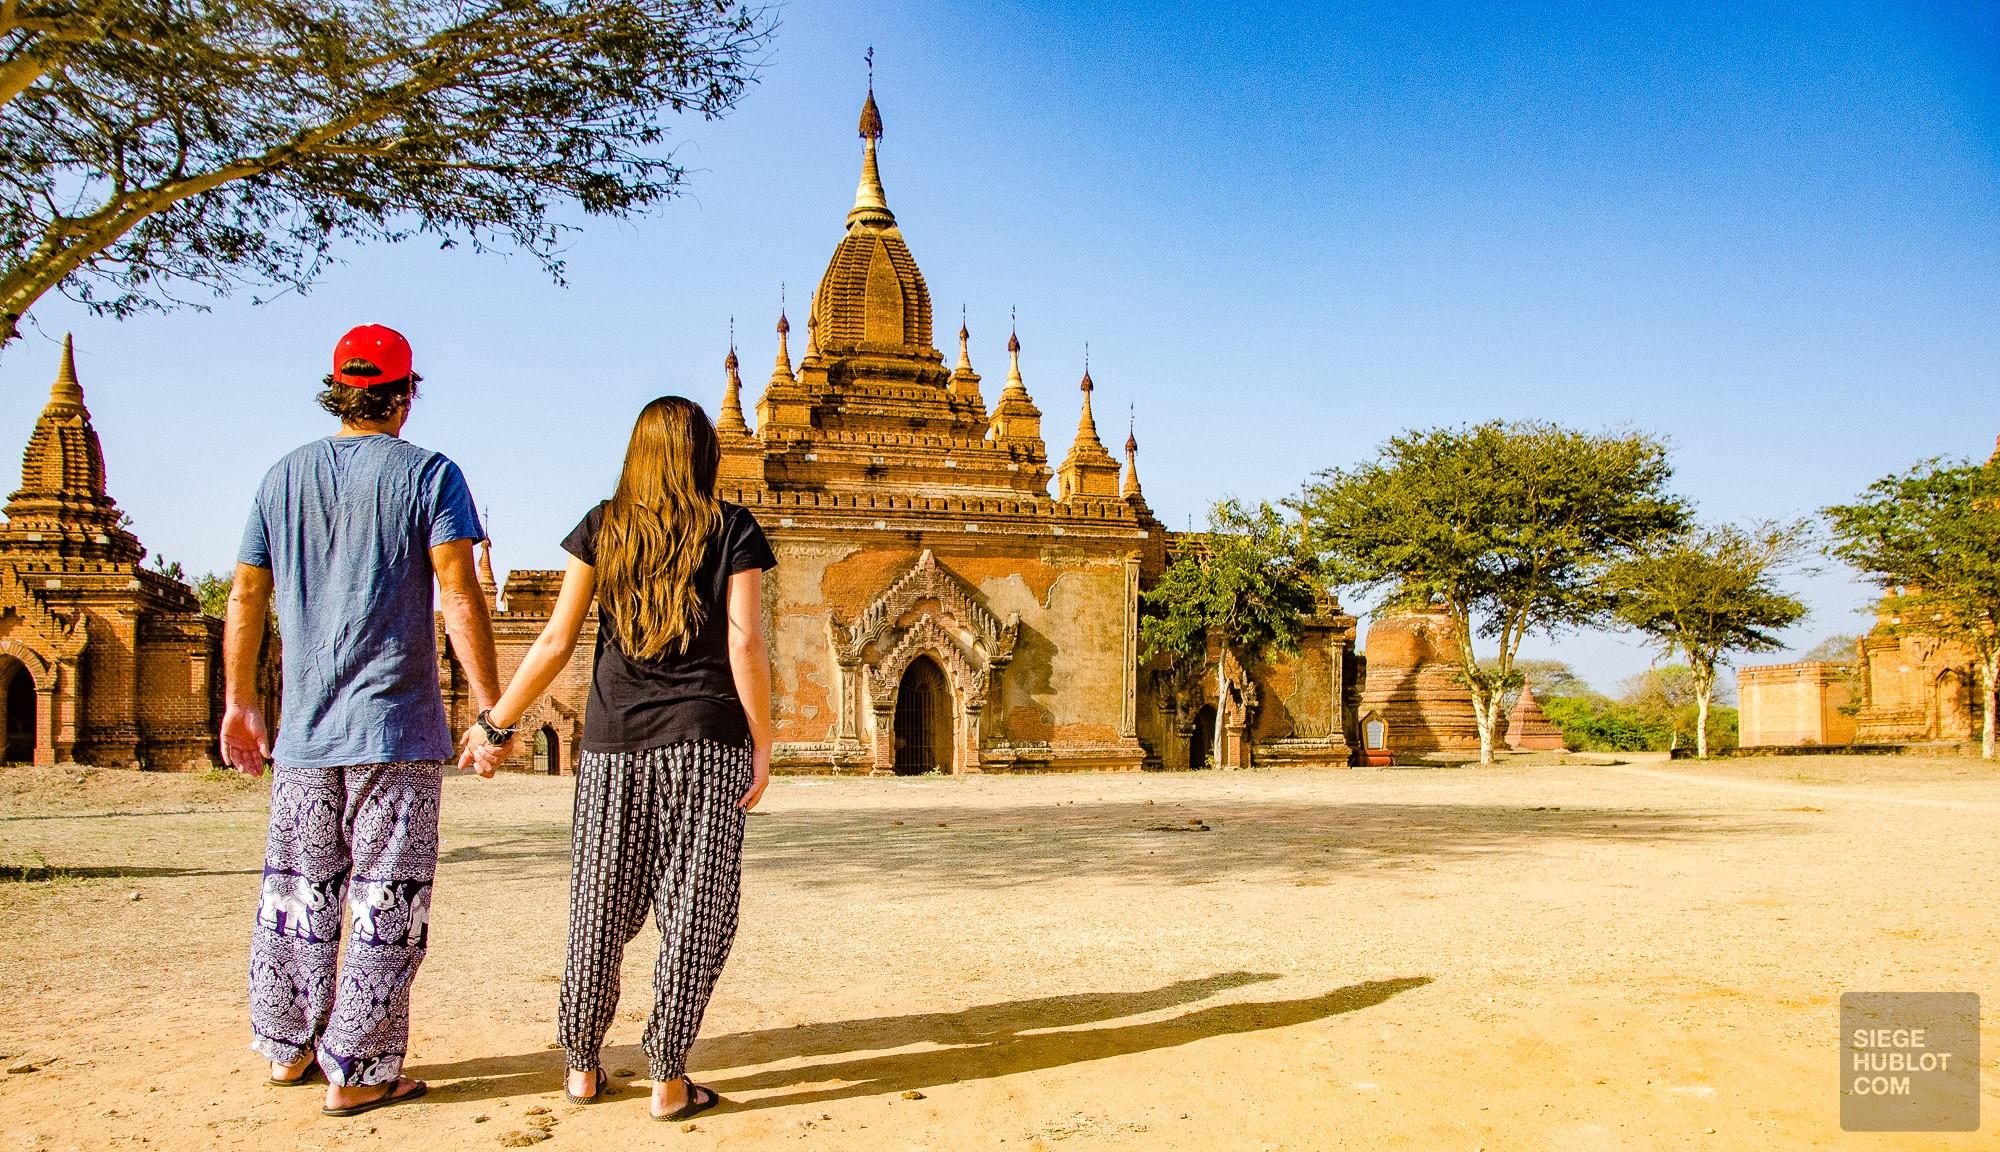 un temple a deux - Bagan, capitale de l ancien royaume de Pagan - A la recherche du temple perdu Bagan, Myanmar - Asie, Myanmar